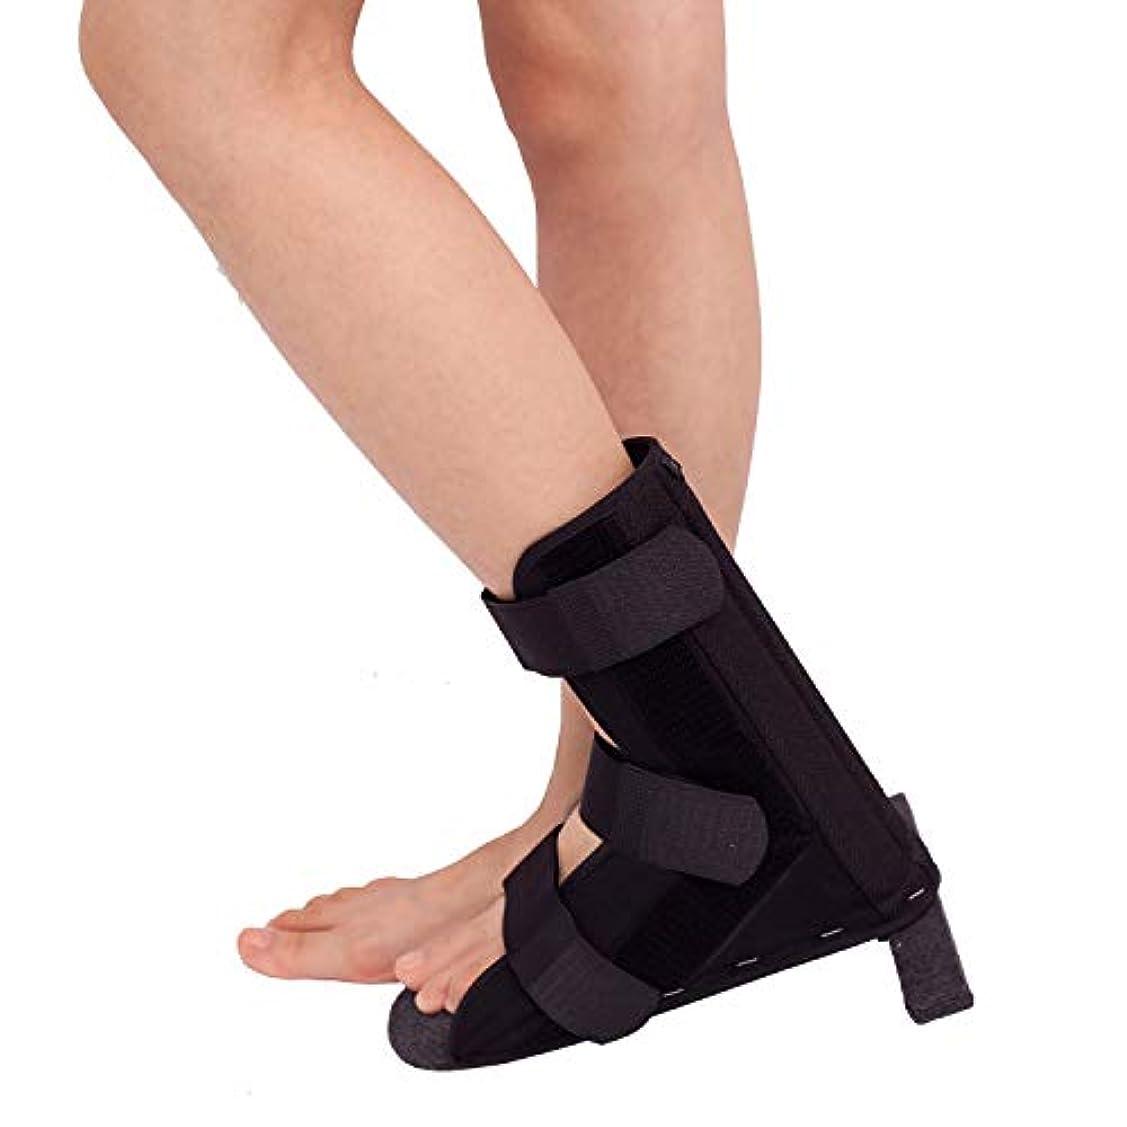 カート惨めな区画足首サポート ア、T字型靴、整形外科用靴、足首骨折、捻挫固定ブラケット (Size : L)